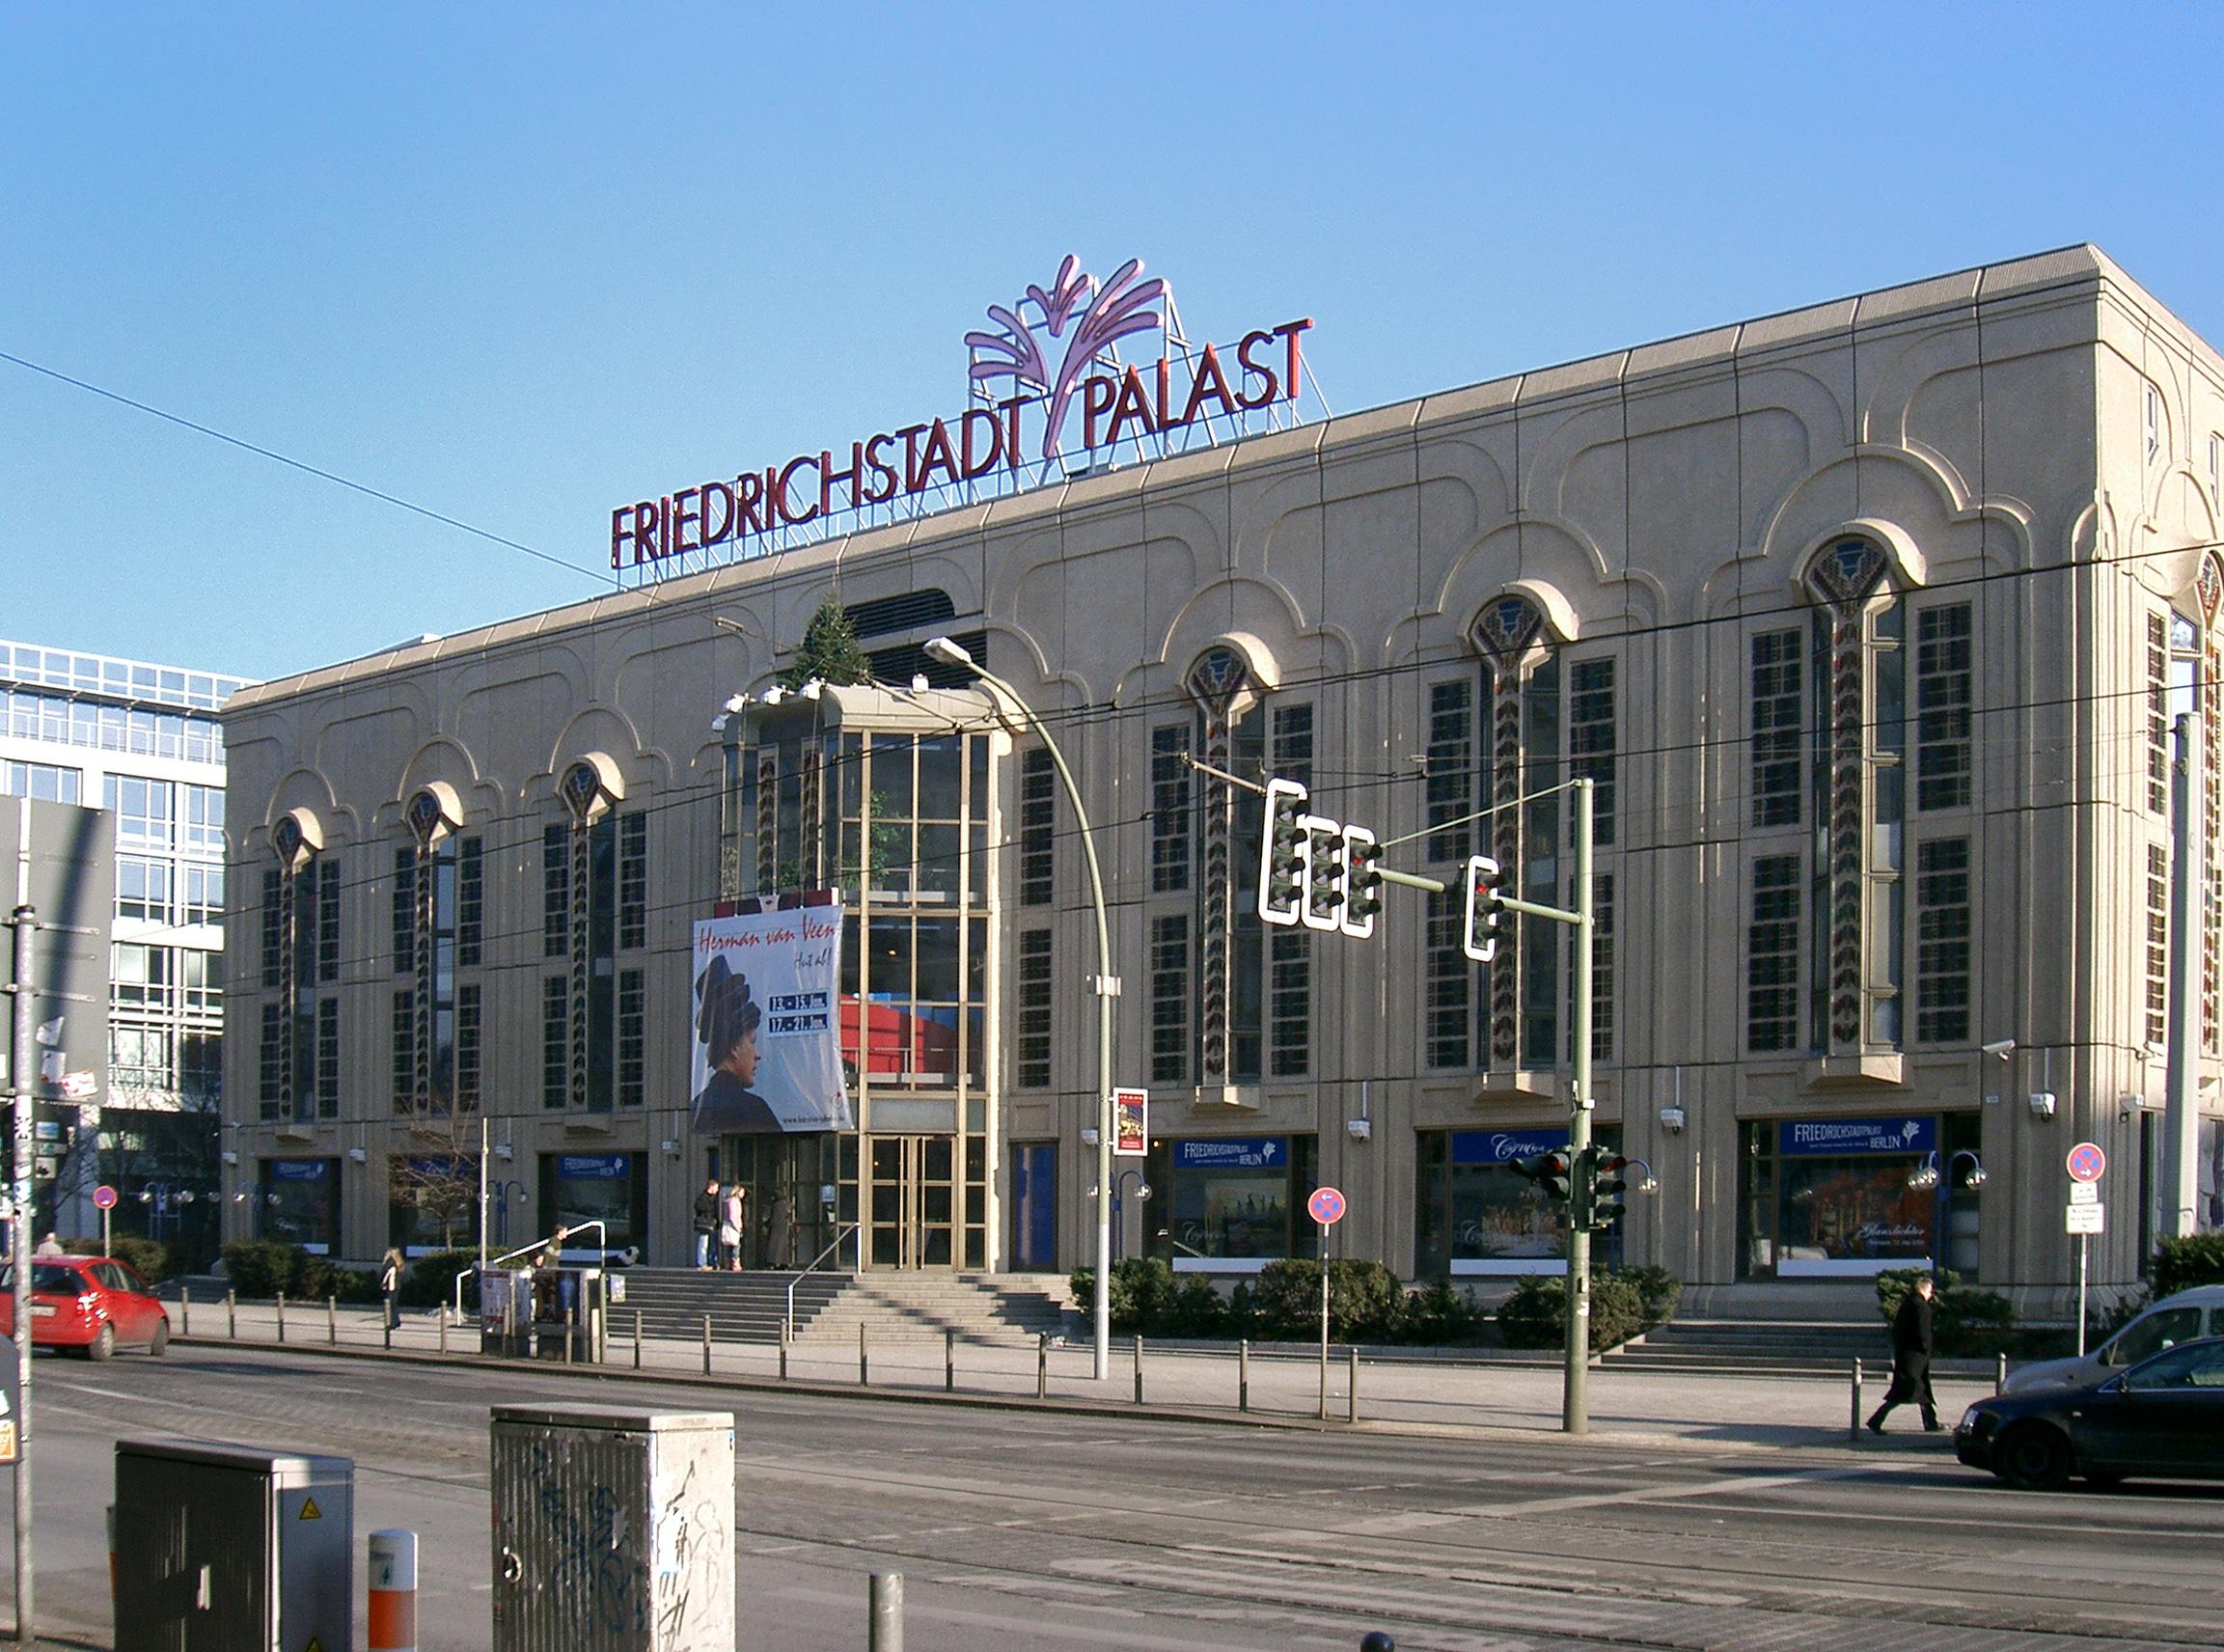 Friedrichstadt palast - Postmoderne architektur ...